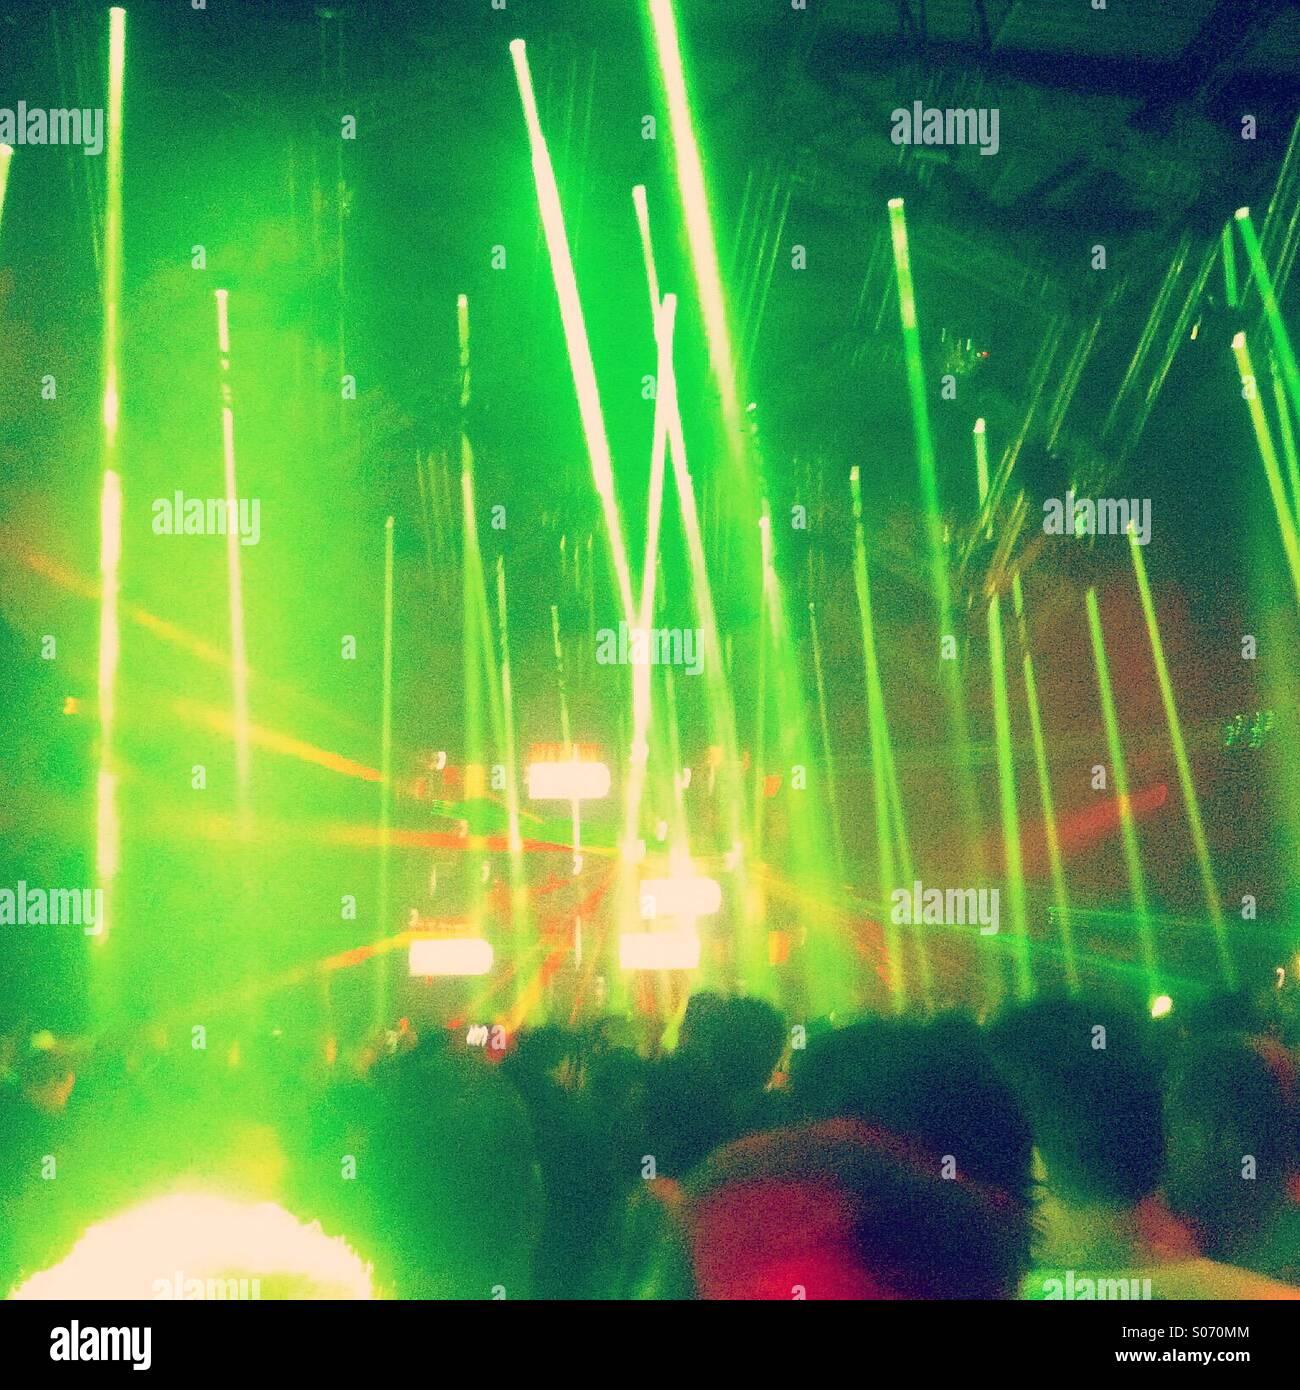 Alien music - Stock Image